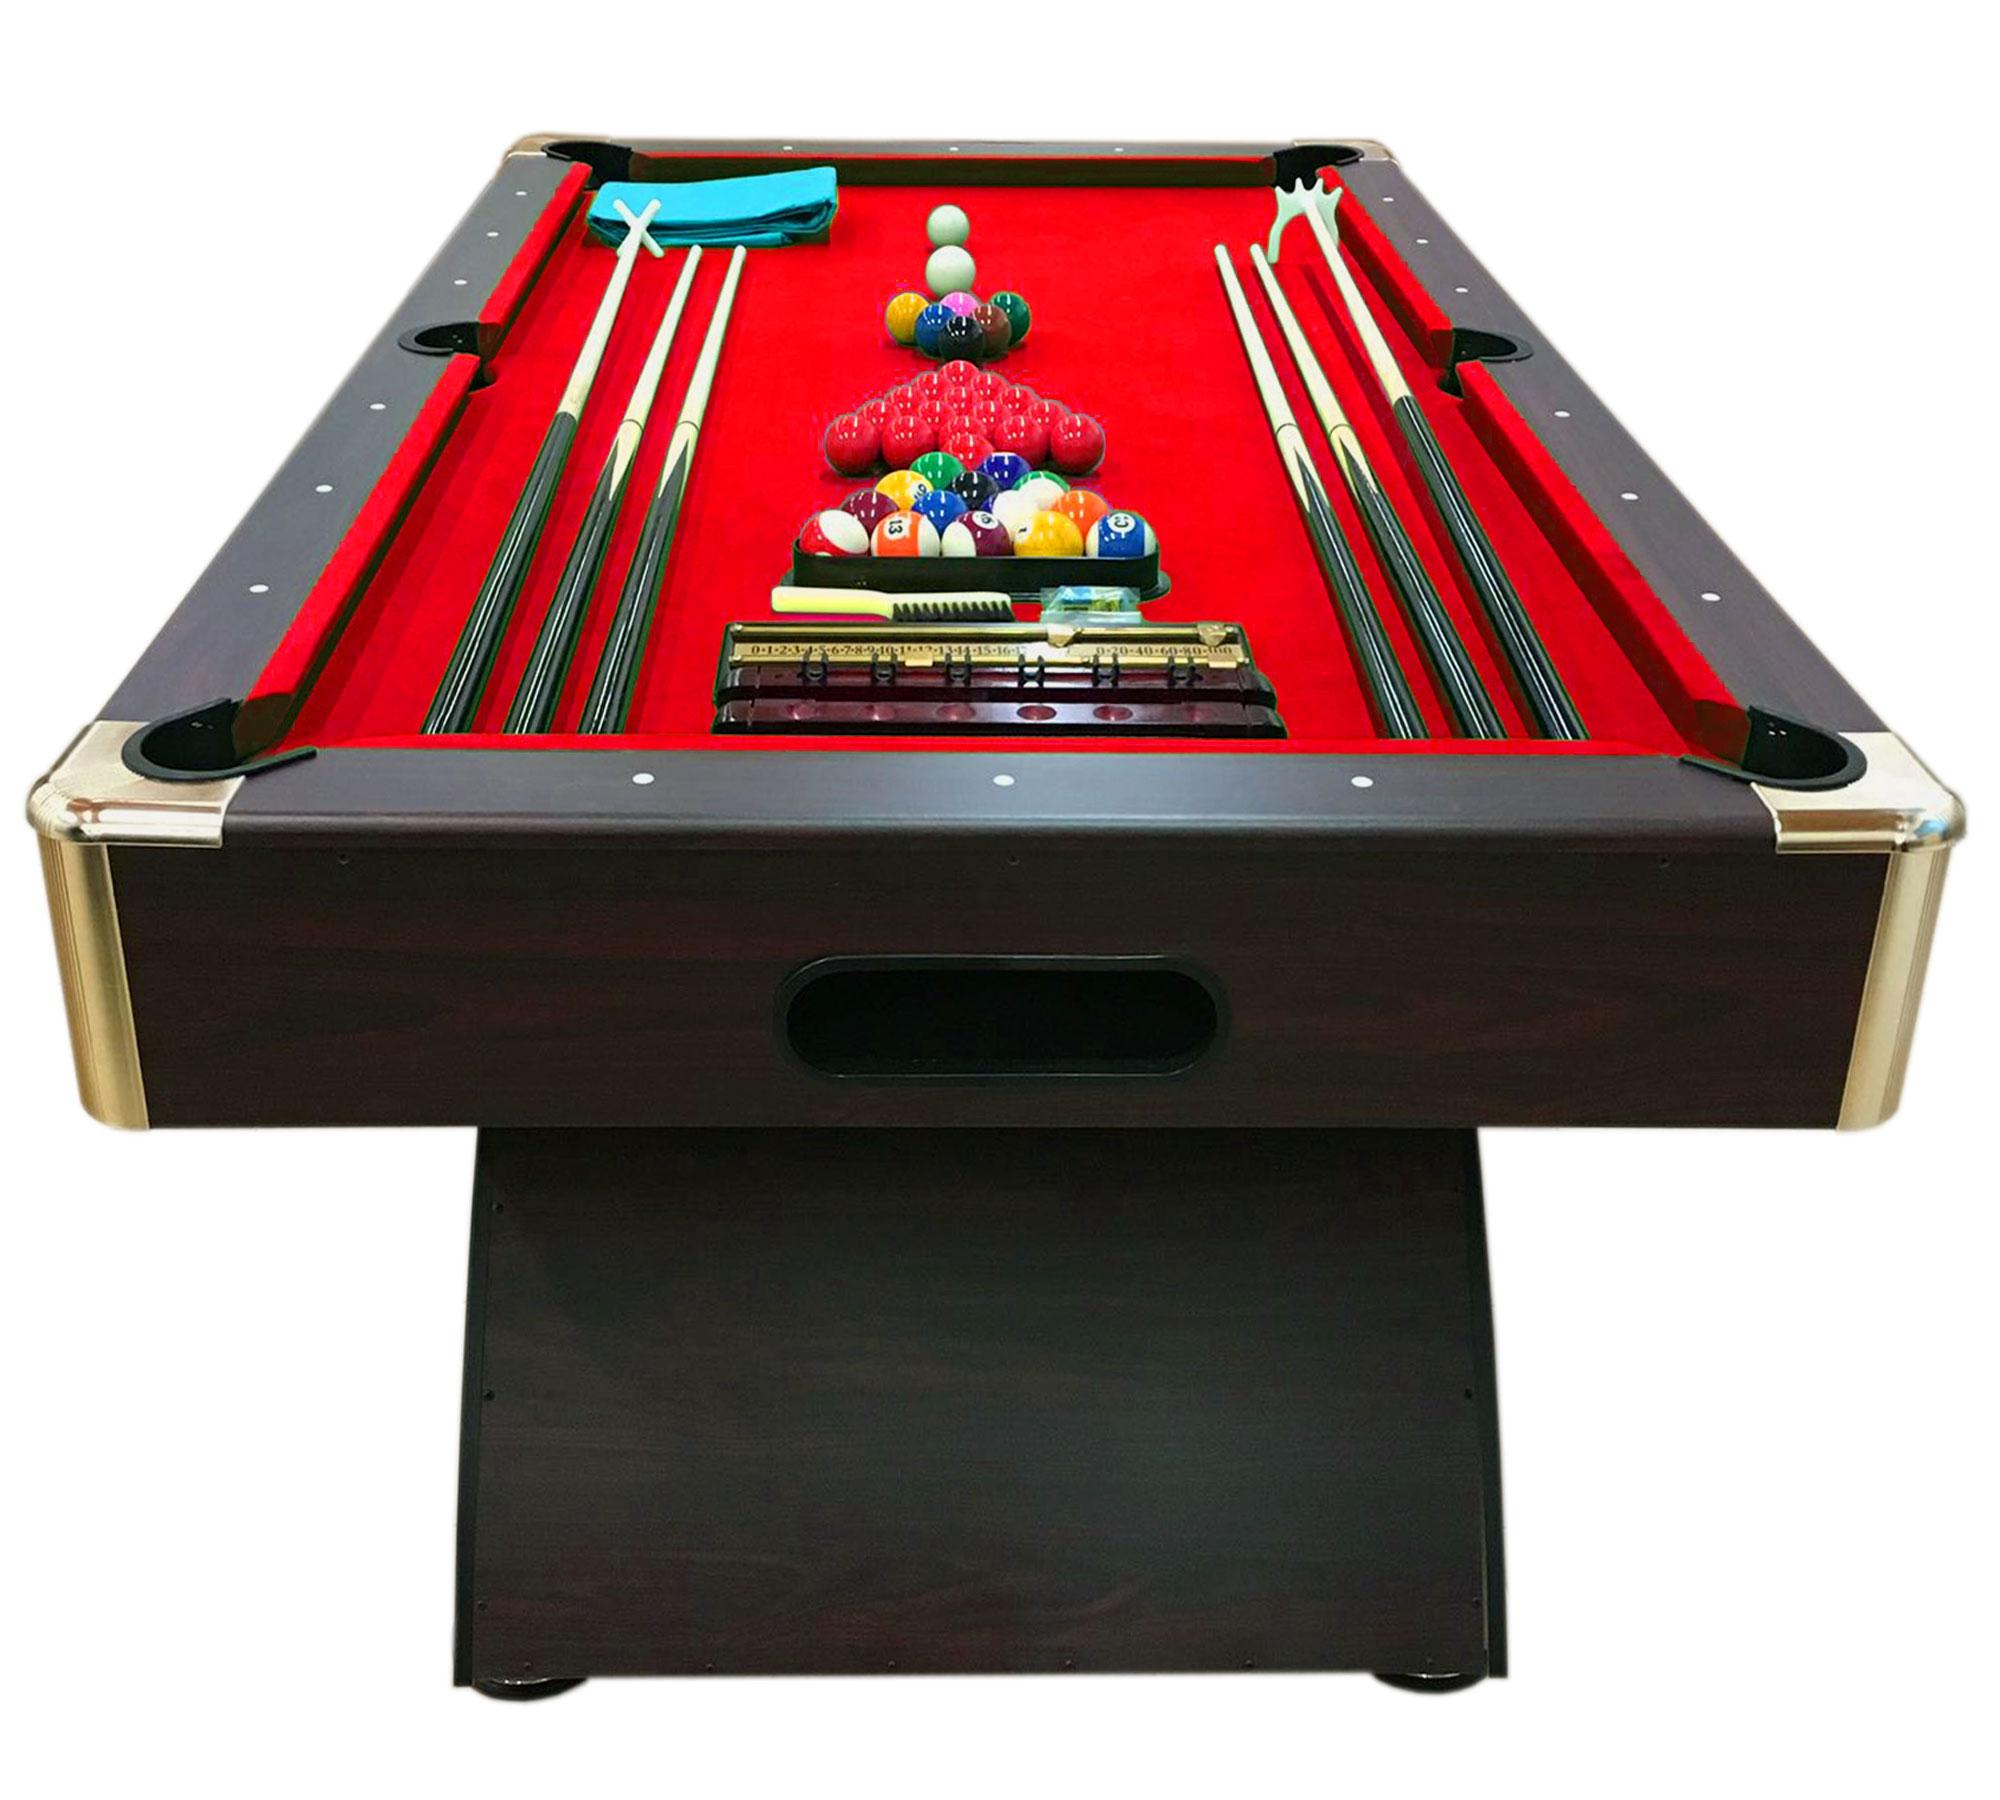 Tavolo da biliardo 8 ft accessori per carambola snooker - Misure tavolo da biliardo ...